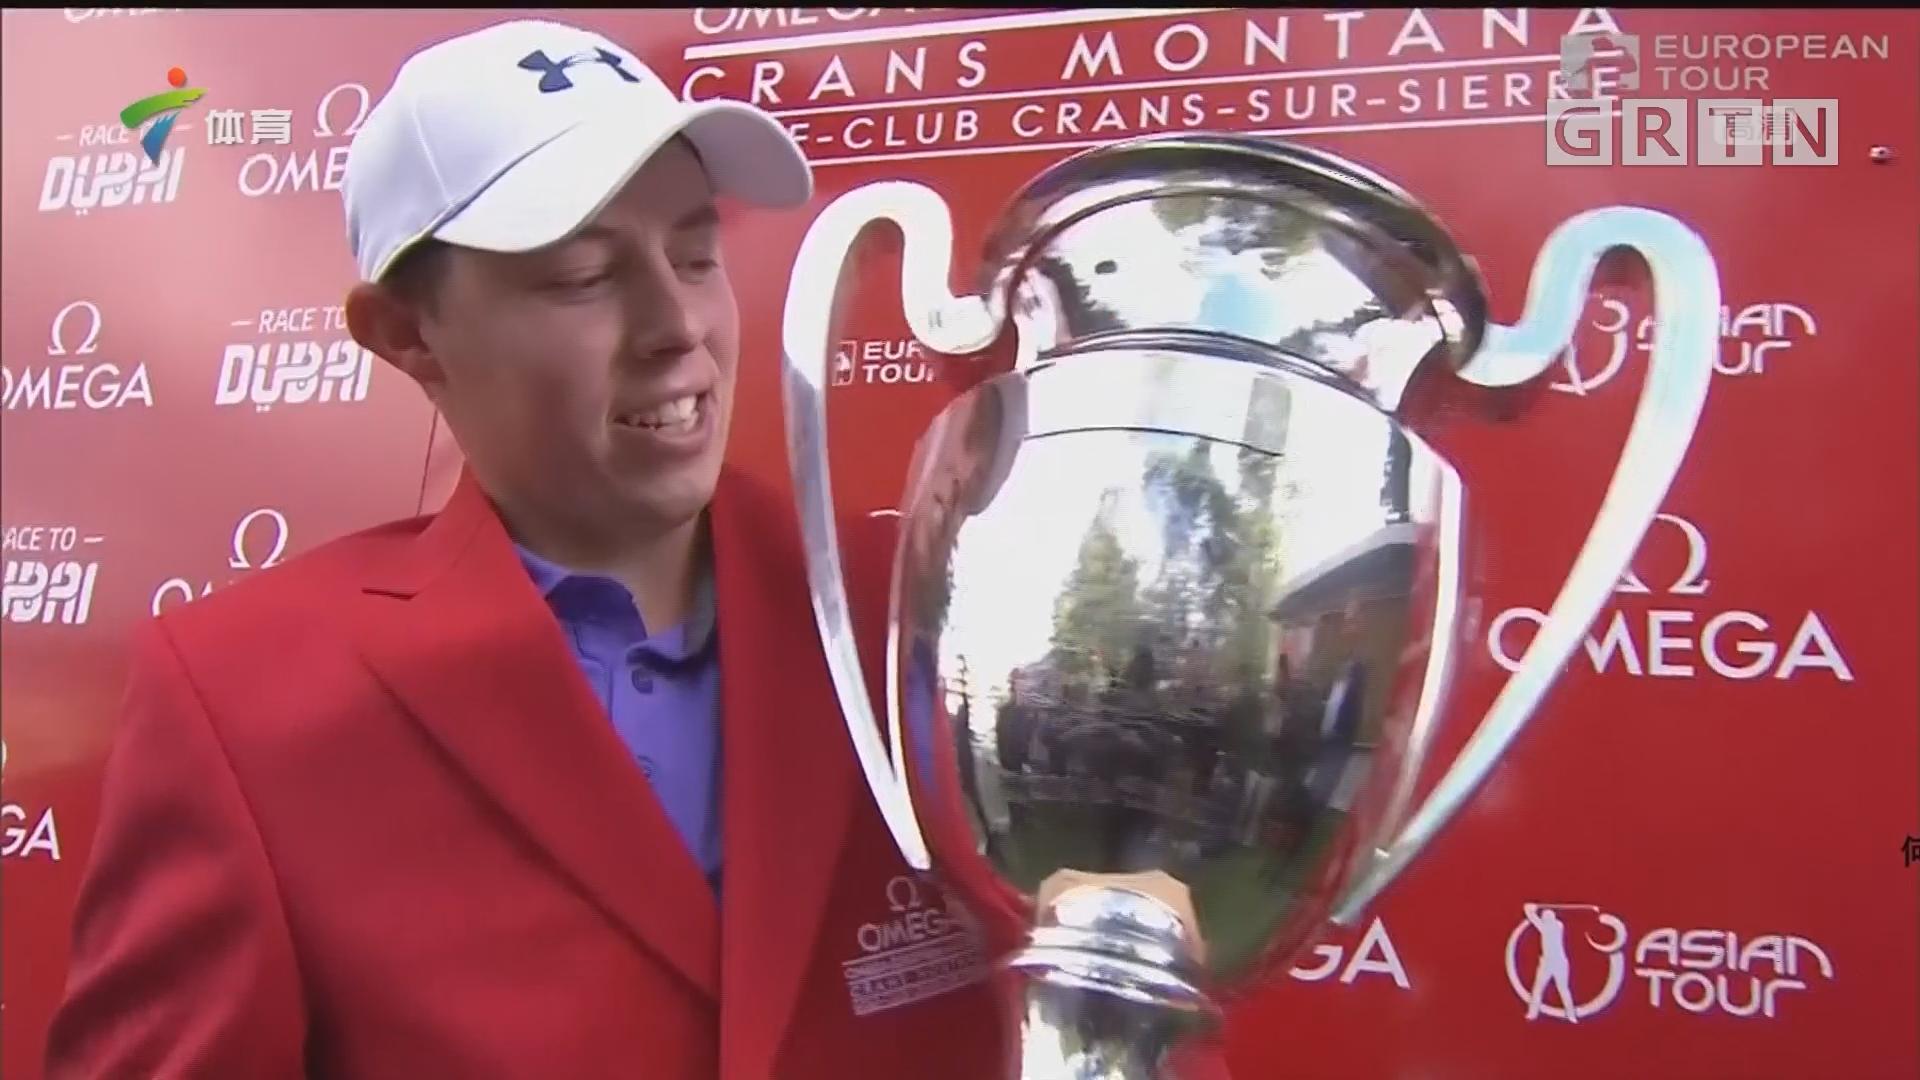 高尔夫欧洲大师赛 菲茨帕特里克夺冠